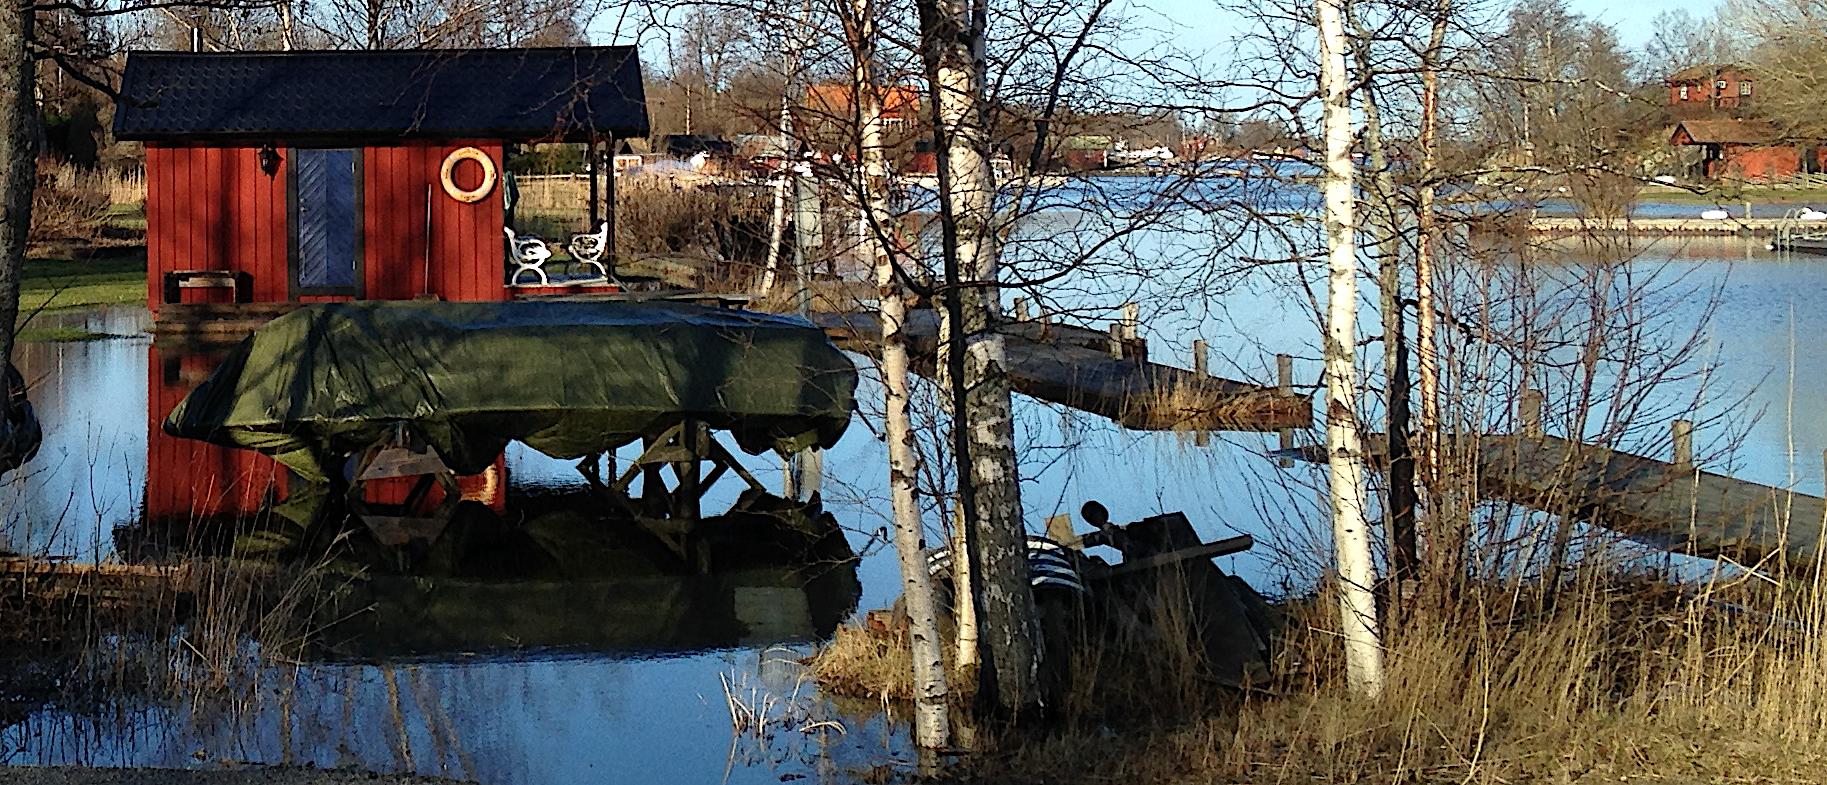 7 upplagd båt vid högvatten